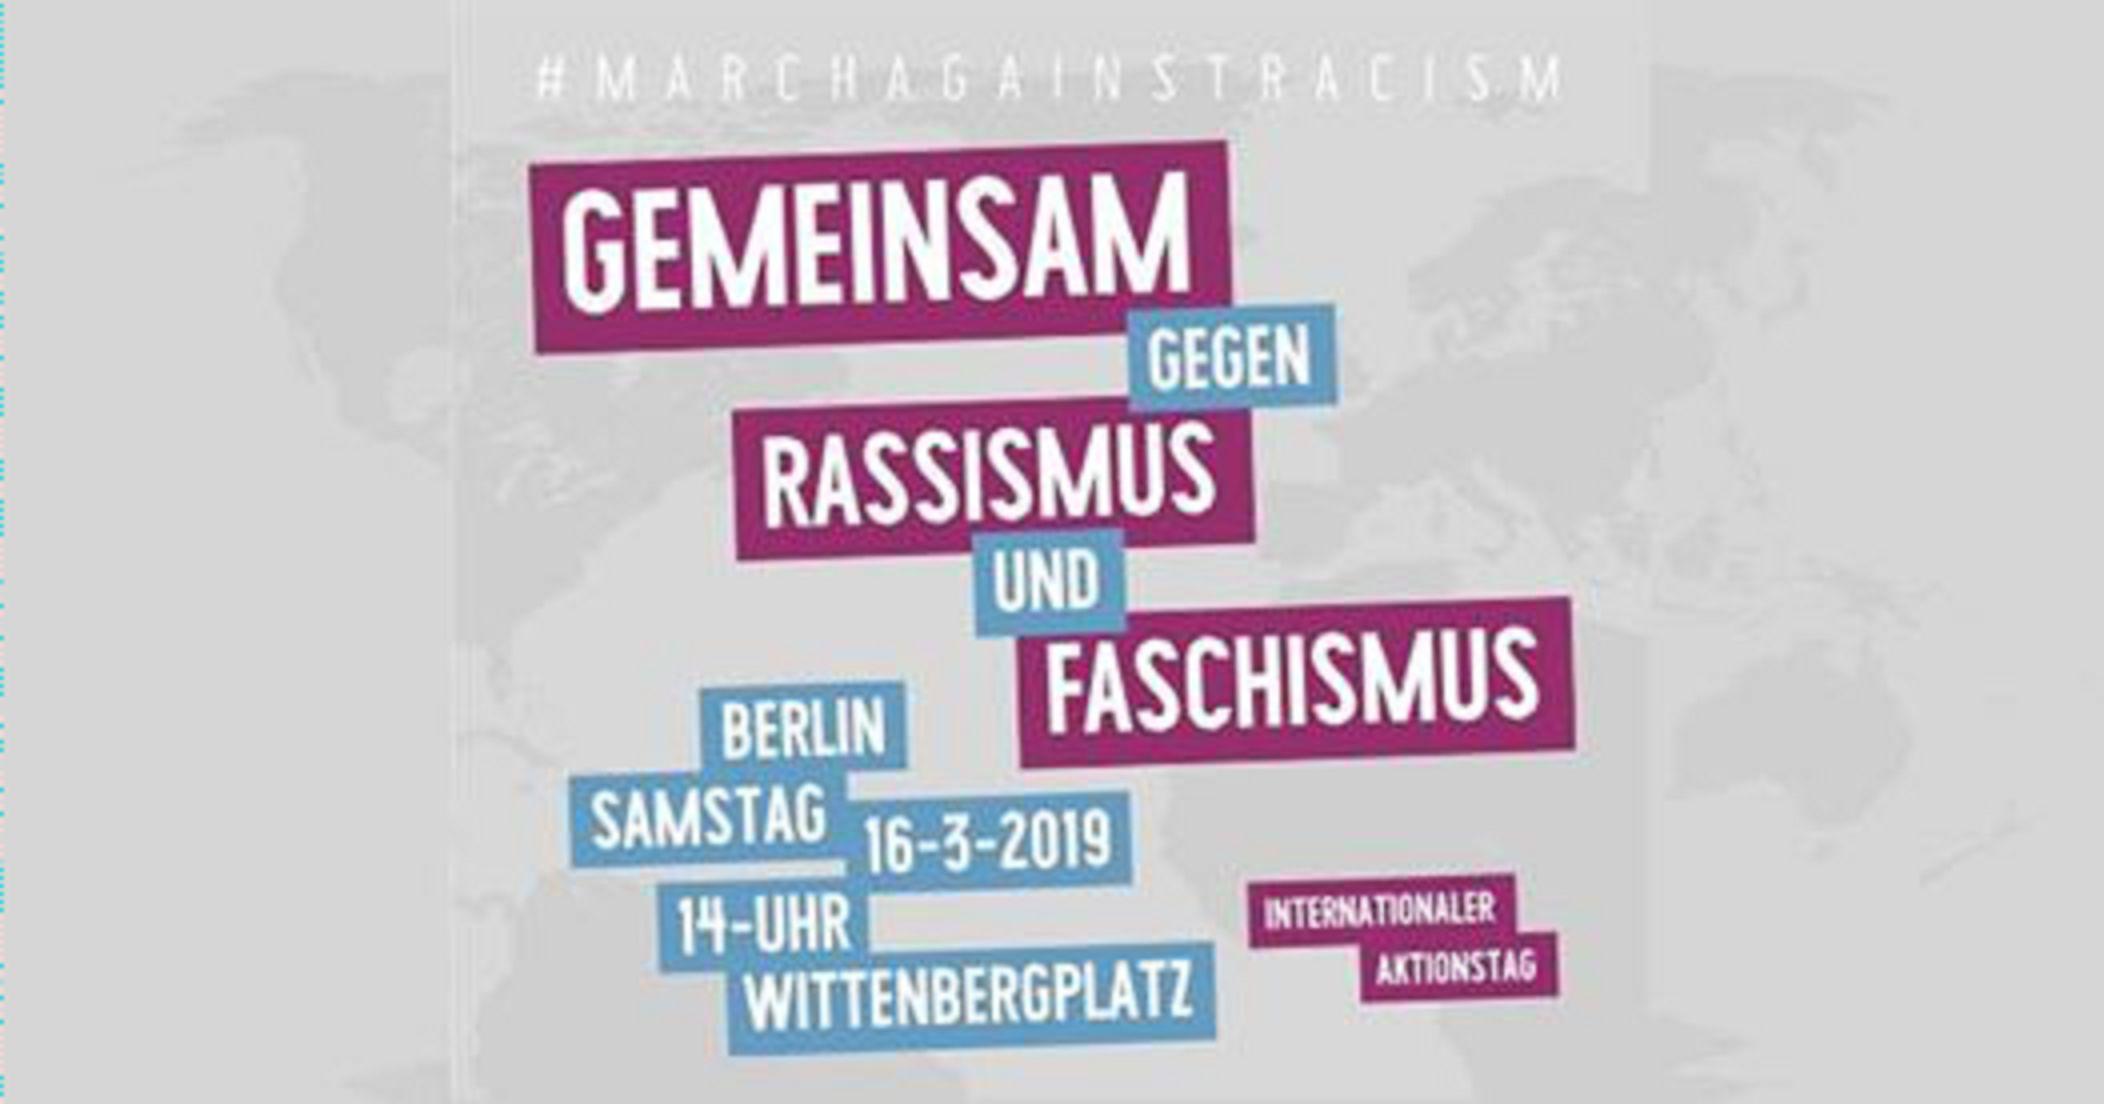 March-Against-Racism-Gemeinsam-gegen-Rassismus-und-Faschismus-02.jpg